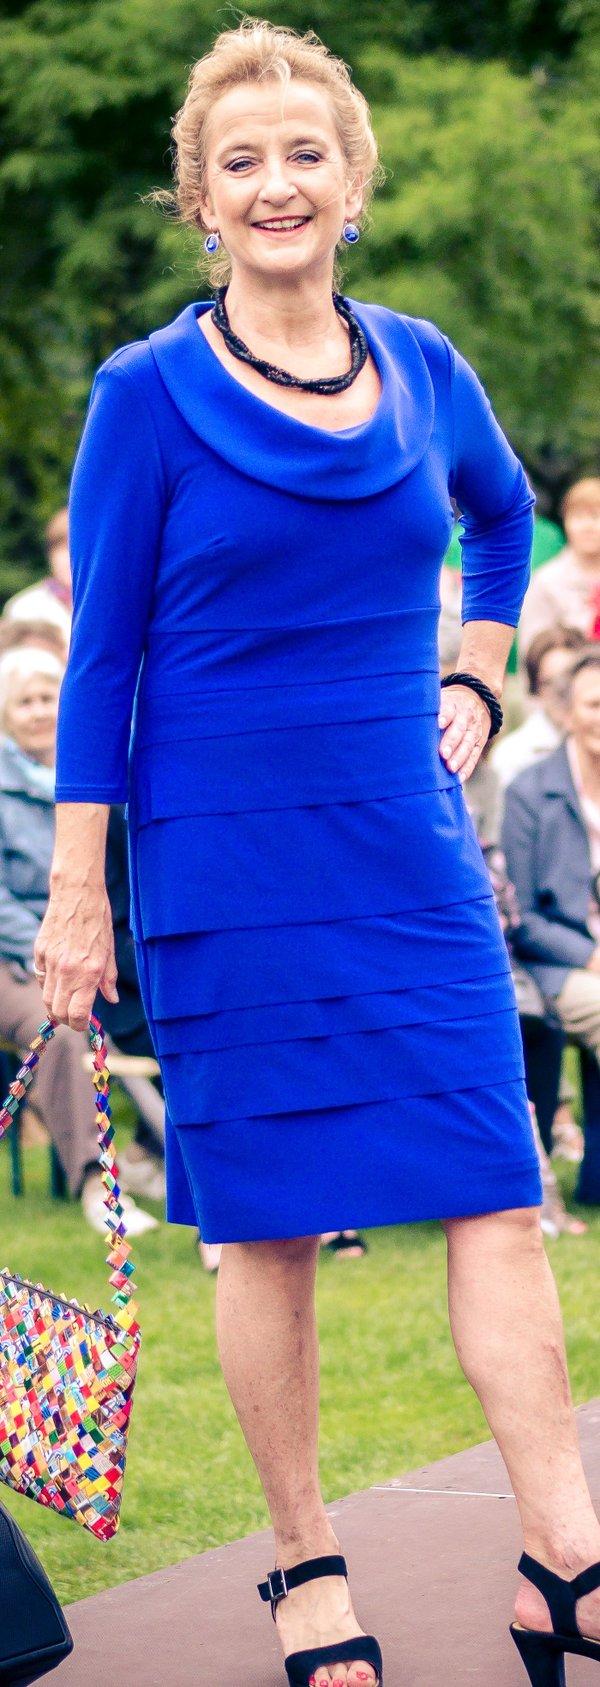 Kleid, Marke Joseph Ribkoff. Mit Volant-Streifen vorne